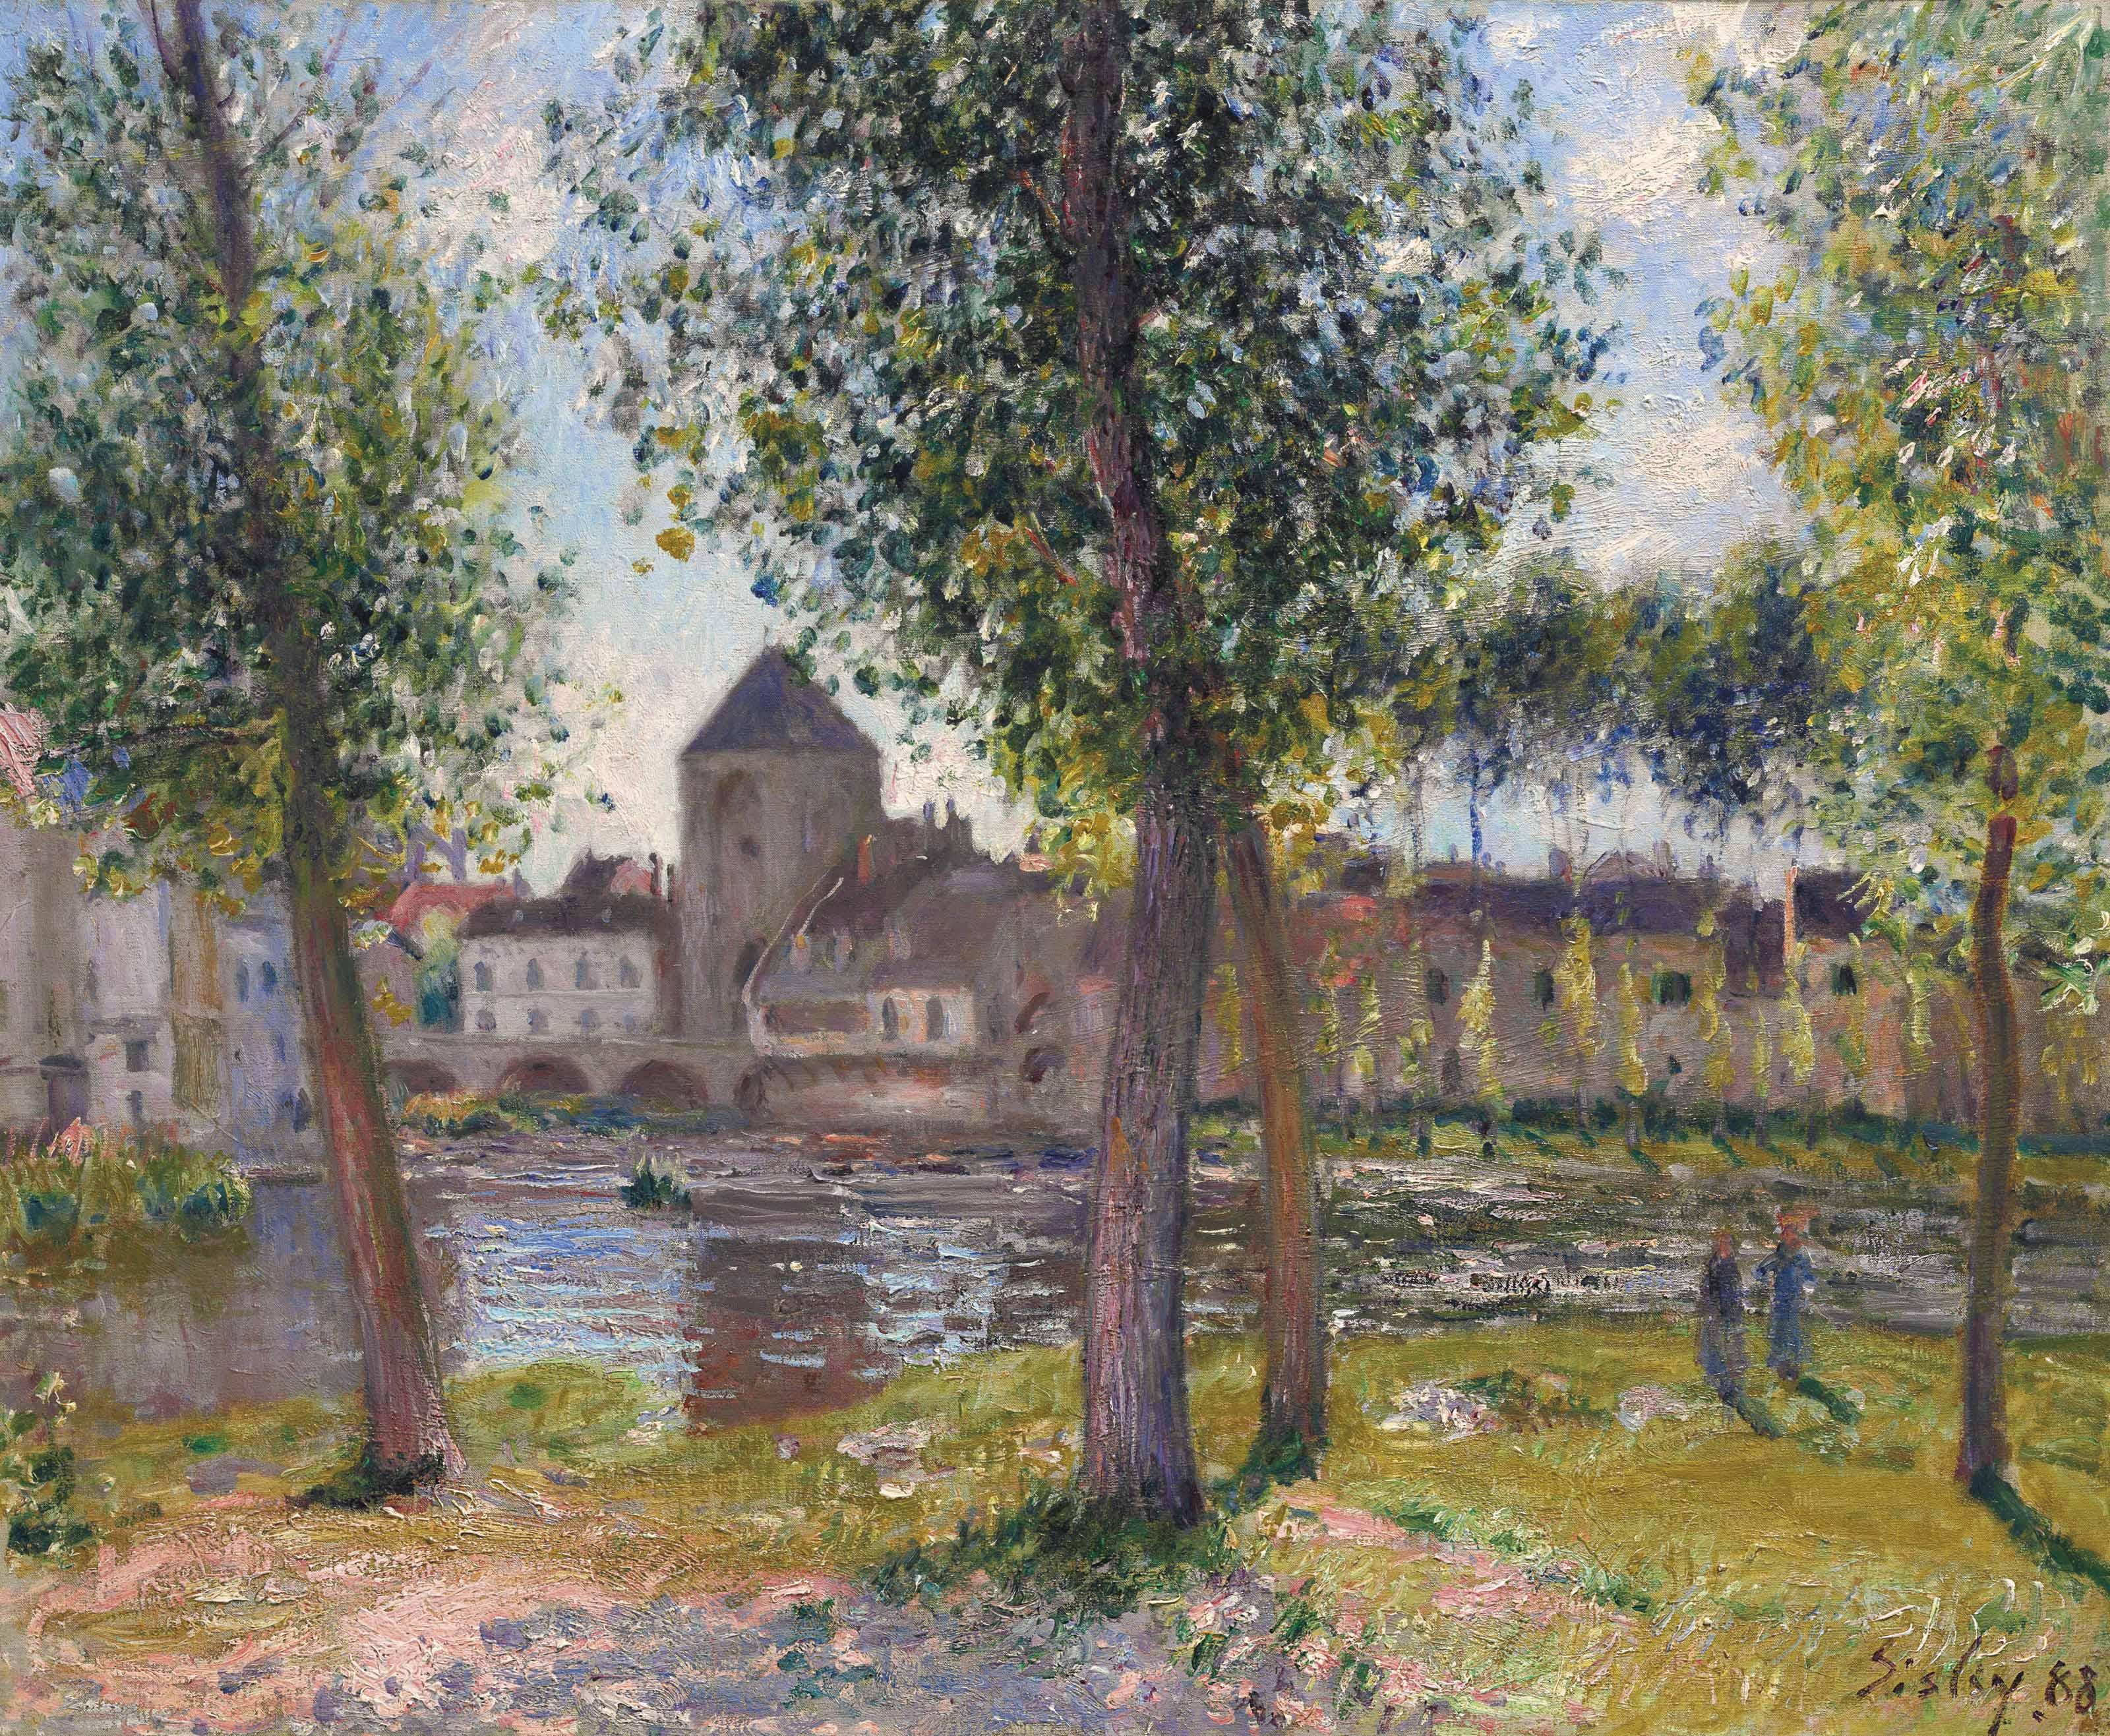 Картинки по запросу 2018_NYR_16718_0028_000(pierre_bonnard_corbeille_de_fruits_sur_une_table_dans_le_jardin_du_can)